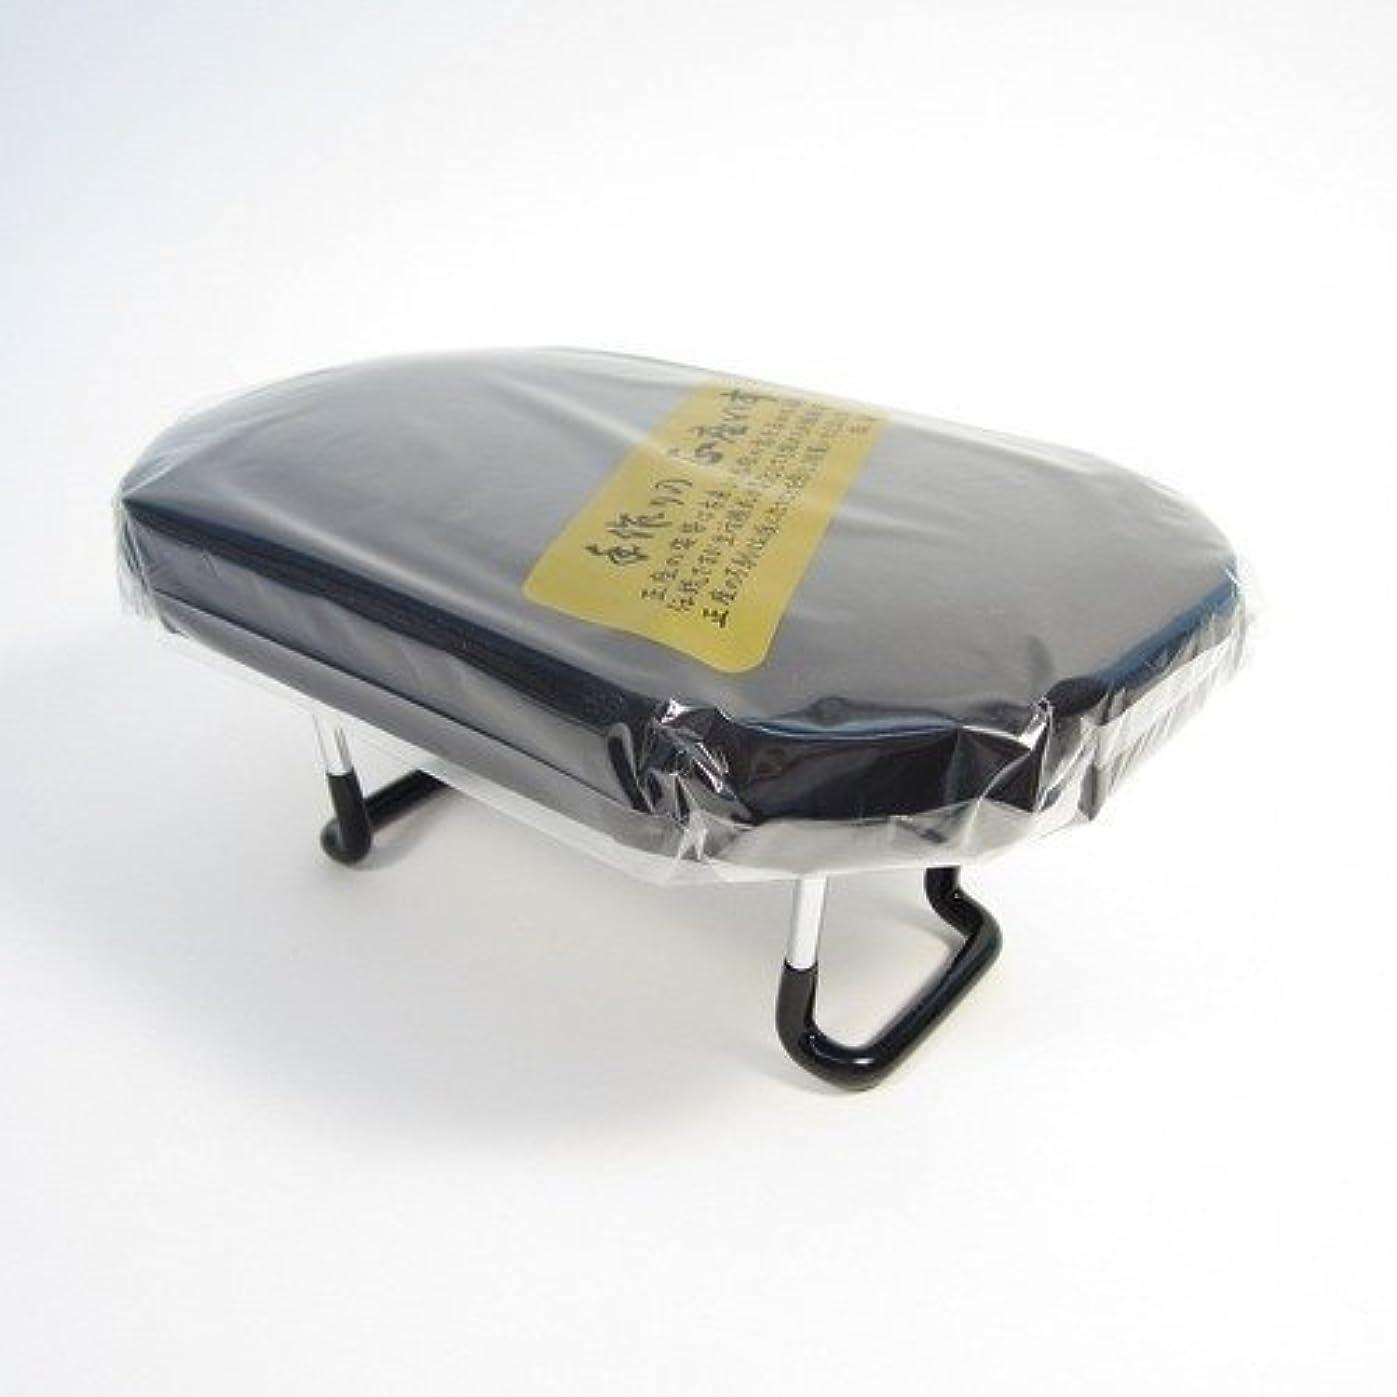 味方快い食堂住友産業 コンパクト らくらく正座椅子D-8 ワンタッチ式 フォーマル 黒